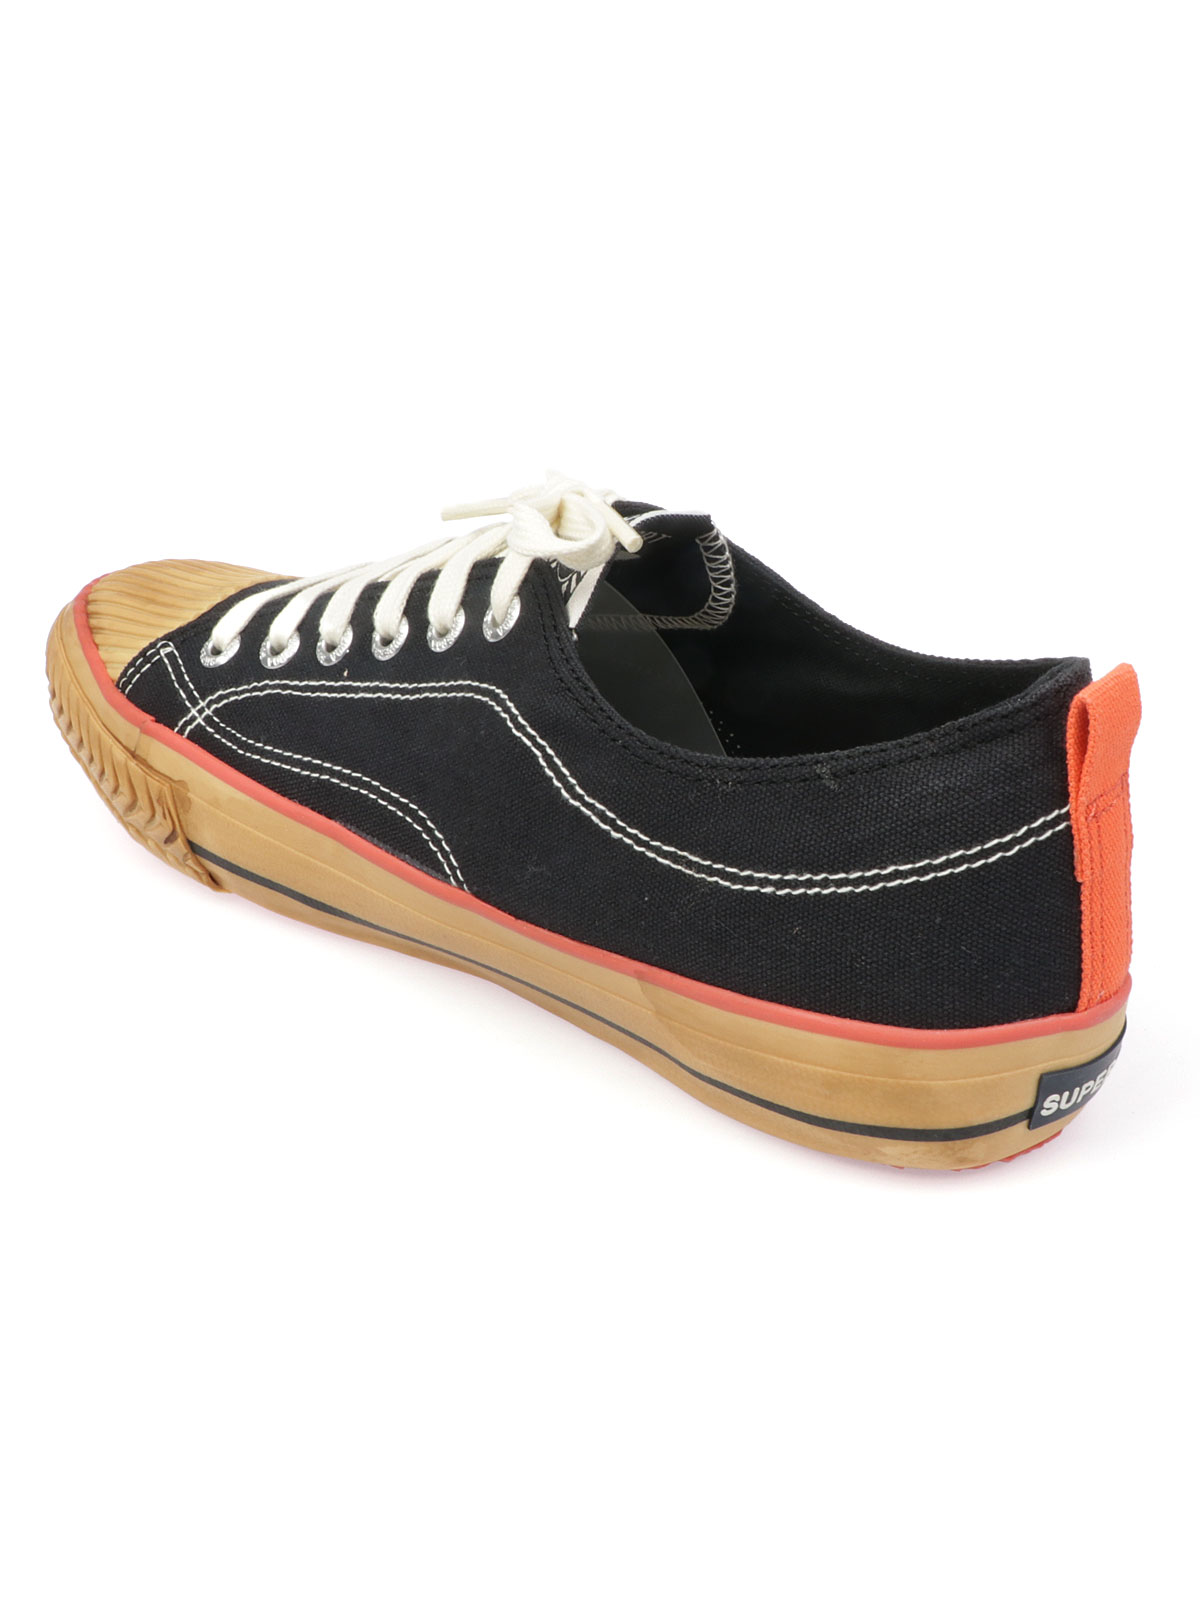 Picture of SUPERGA | Men's Shoes 289 Cotu